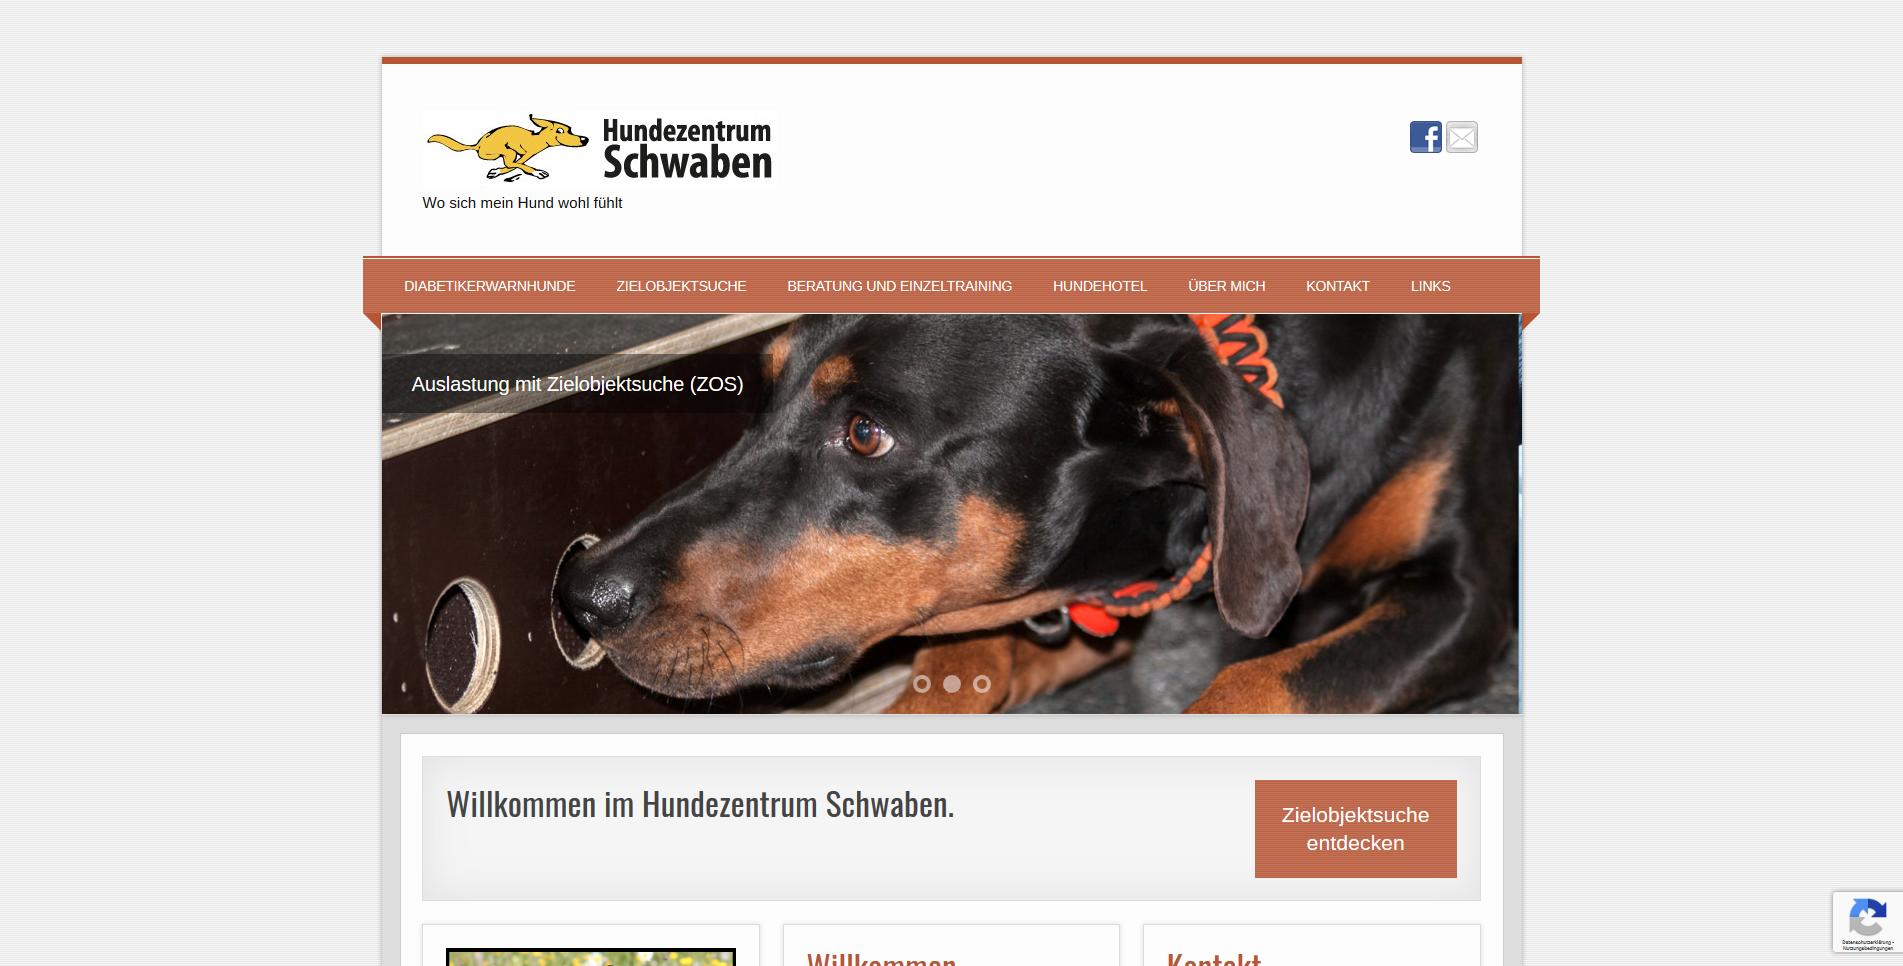 Hundezentrum Schwaben